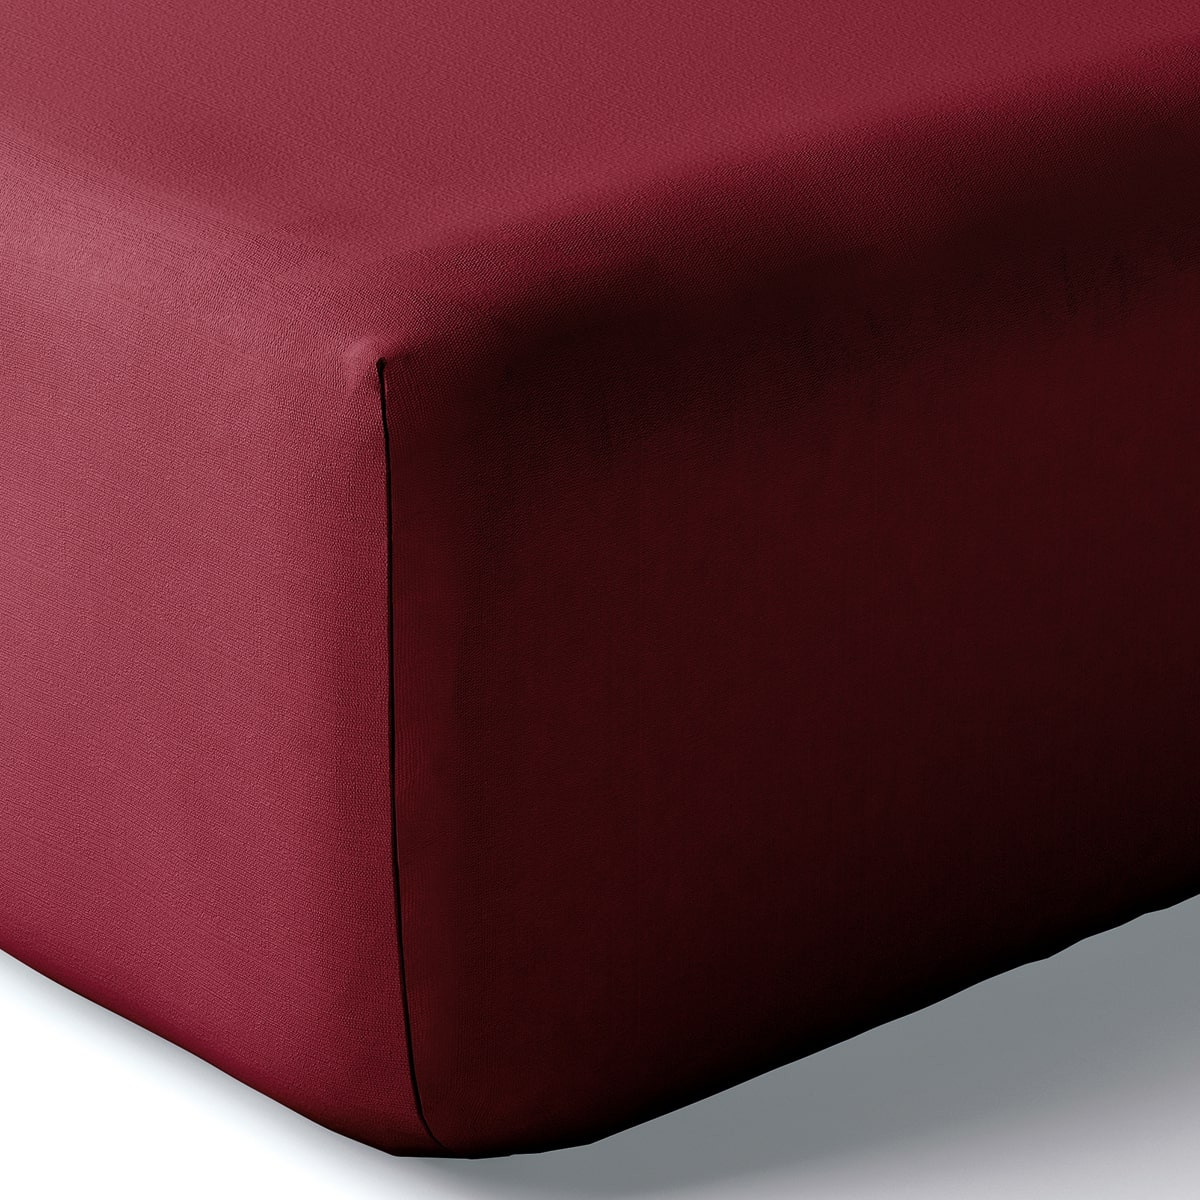 Drap housse coton 180x200 cm bourgogne